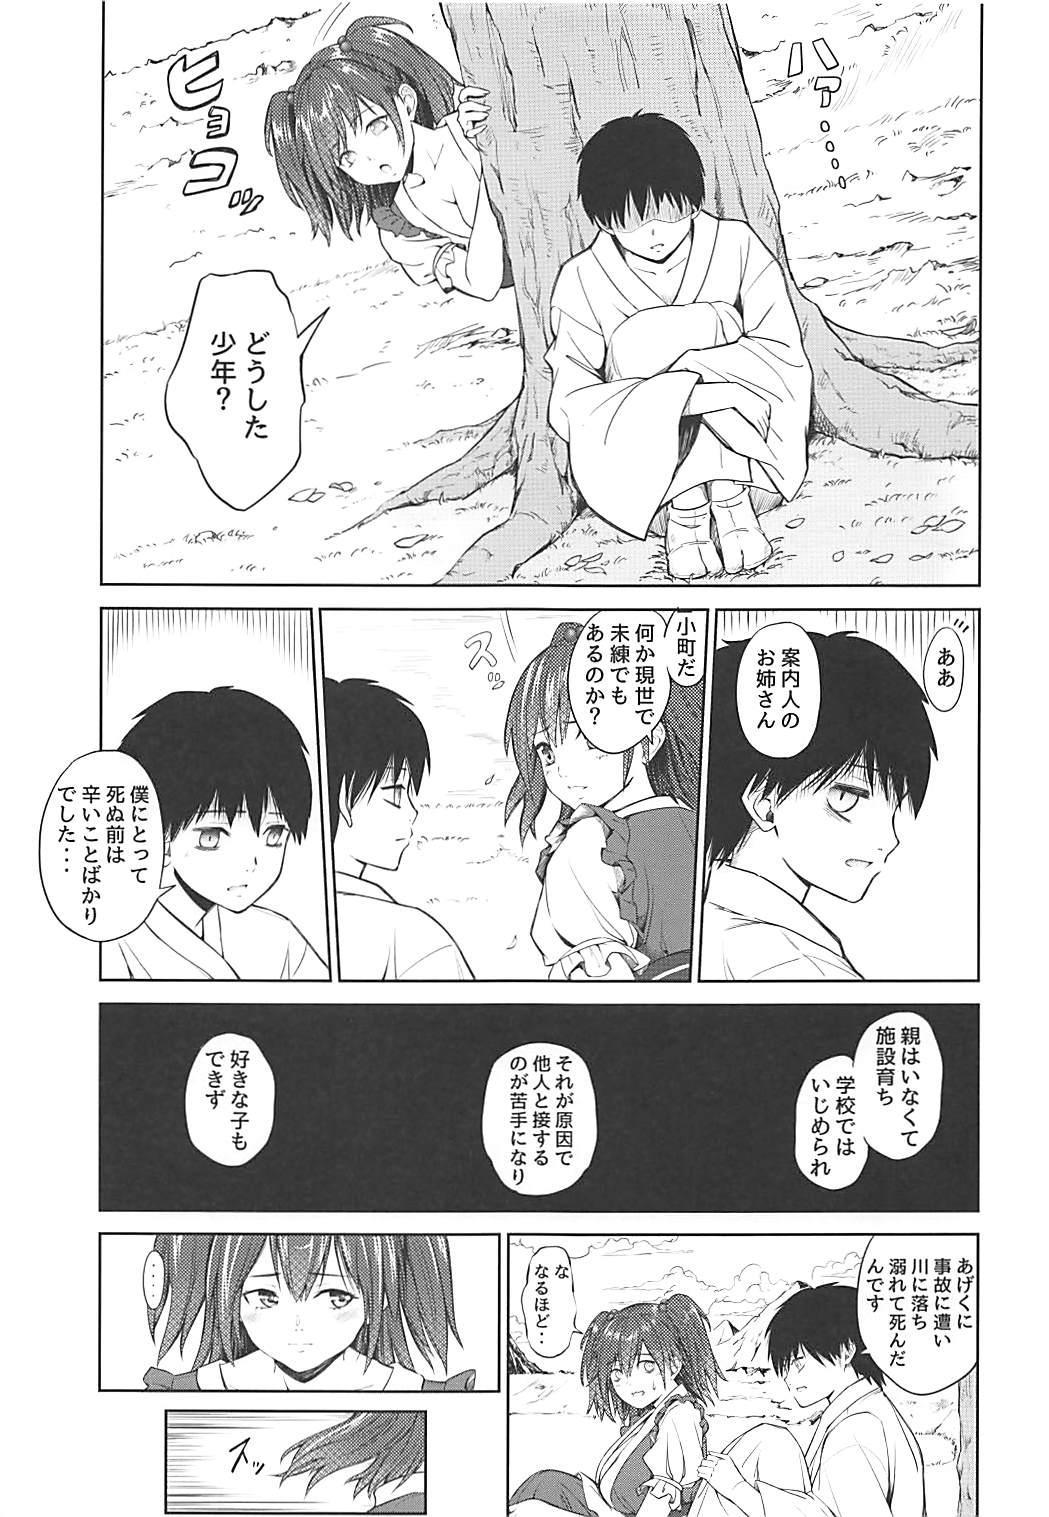 Komachi-san no Yawaraka Oppai 3